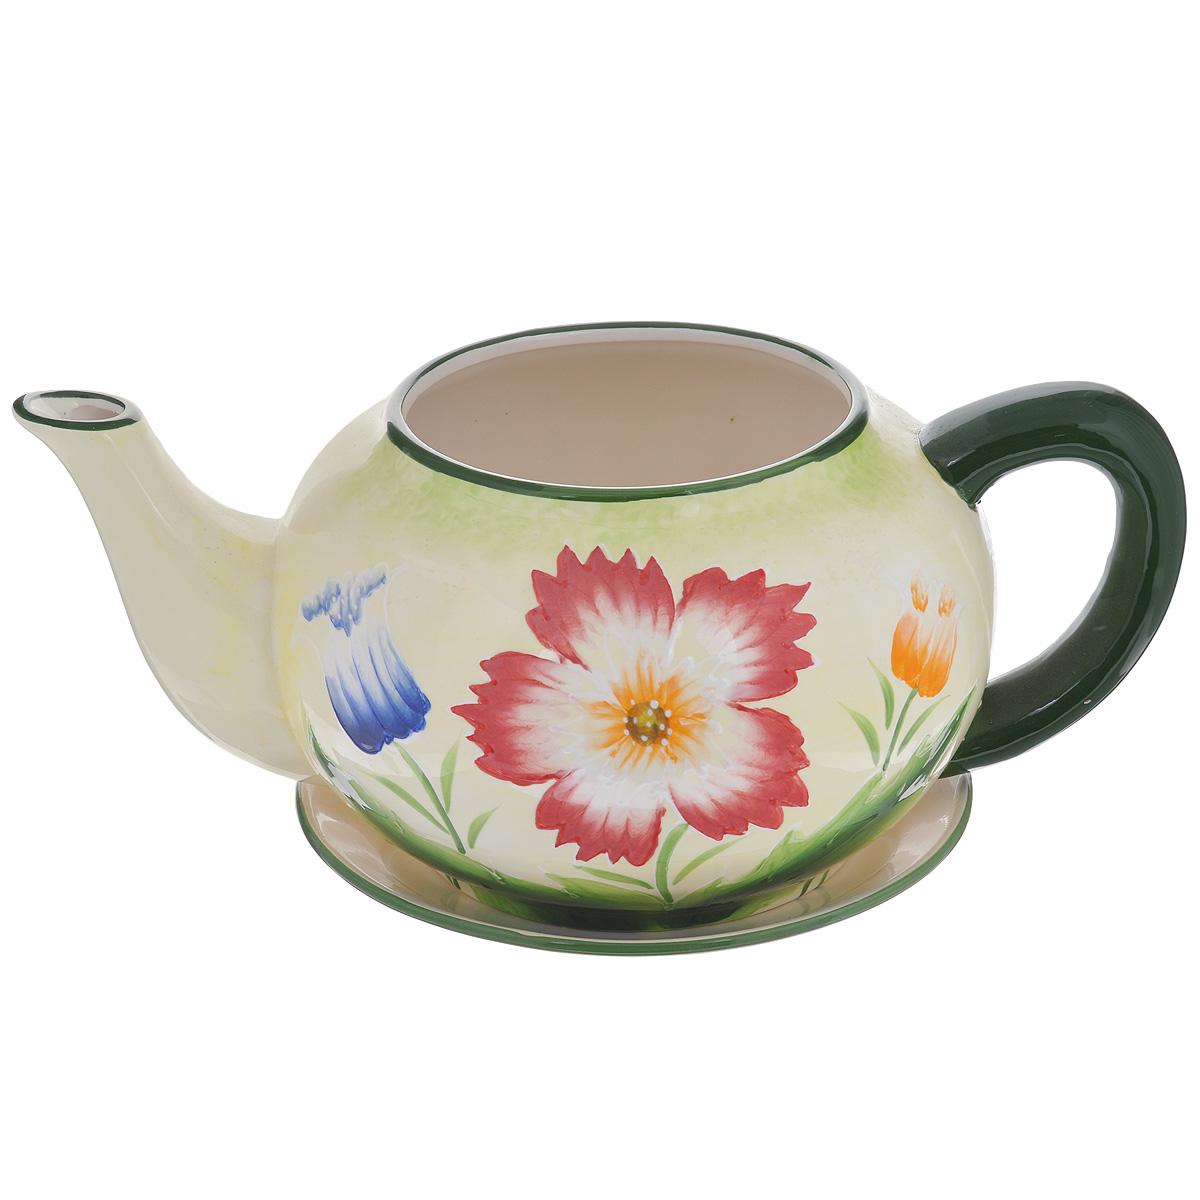 Кашпо Lillo Полевые цветы, с поддономXY10S012FКашпо-горшок для цветов Lillo Полевые цветы выполнен из прочной керамики в виде заварочного чайника с блюдцем. Изделие предназначено для цветов. Такие изделия часто становятся последним штрихом, который совершенно изменяет интерьер помещения или ландшафтный дизайн сада. Благодаря такому кашпо вы сможете украсить вашу комнату, офис, сад и другие места. Изделие оснащено специальным поддоном - блюдцем. Диаметр кашпо по верхнему краю: 14,5 см. Высота кашпо (без учета поддона): 16 см. Диаметр поддона: 23 см.